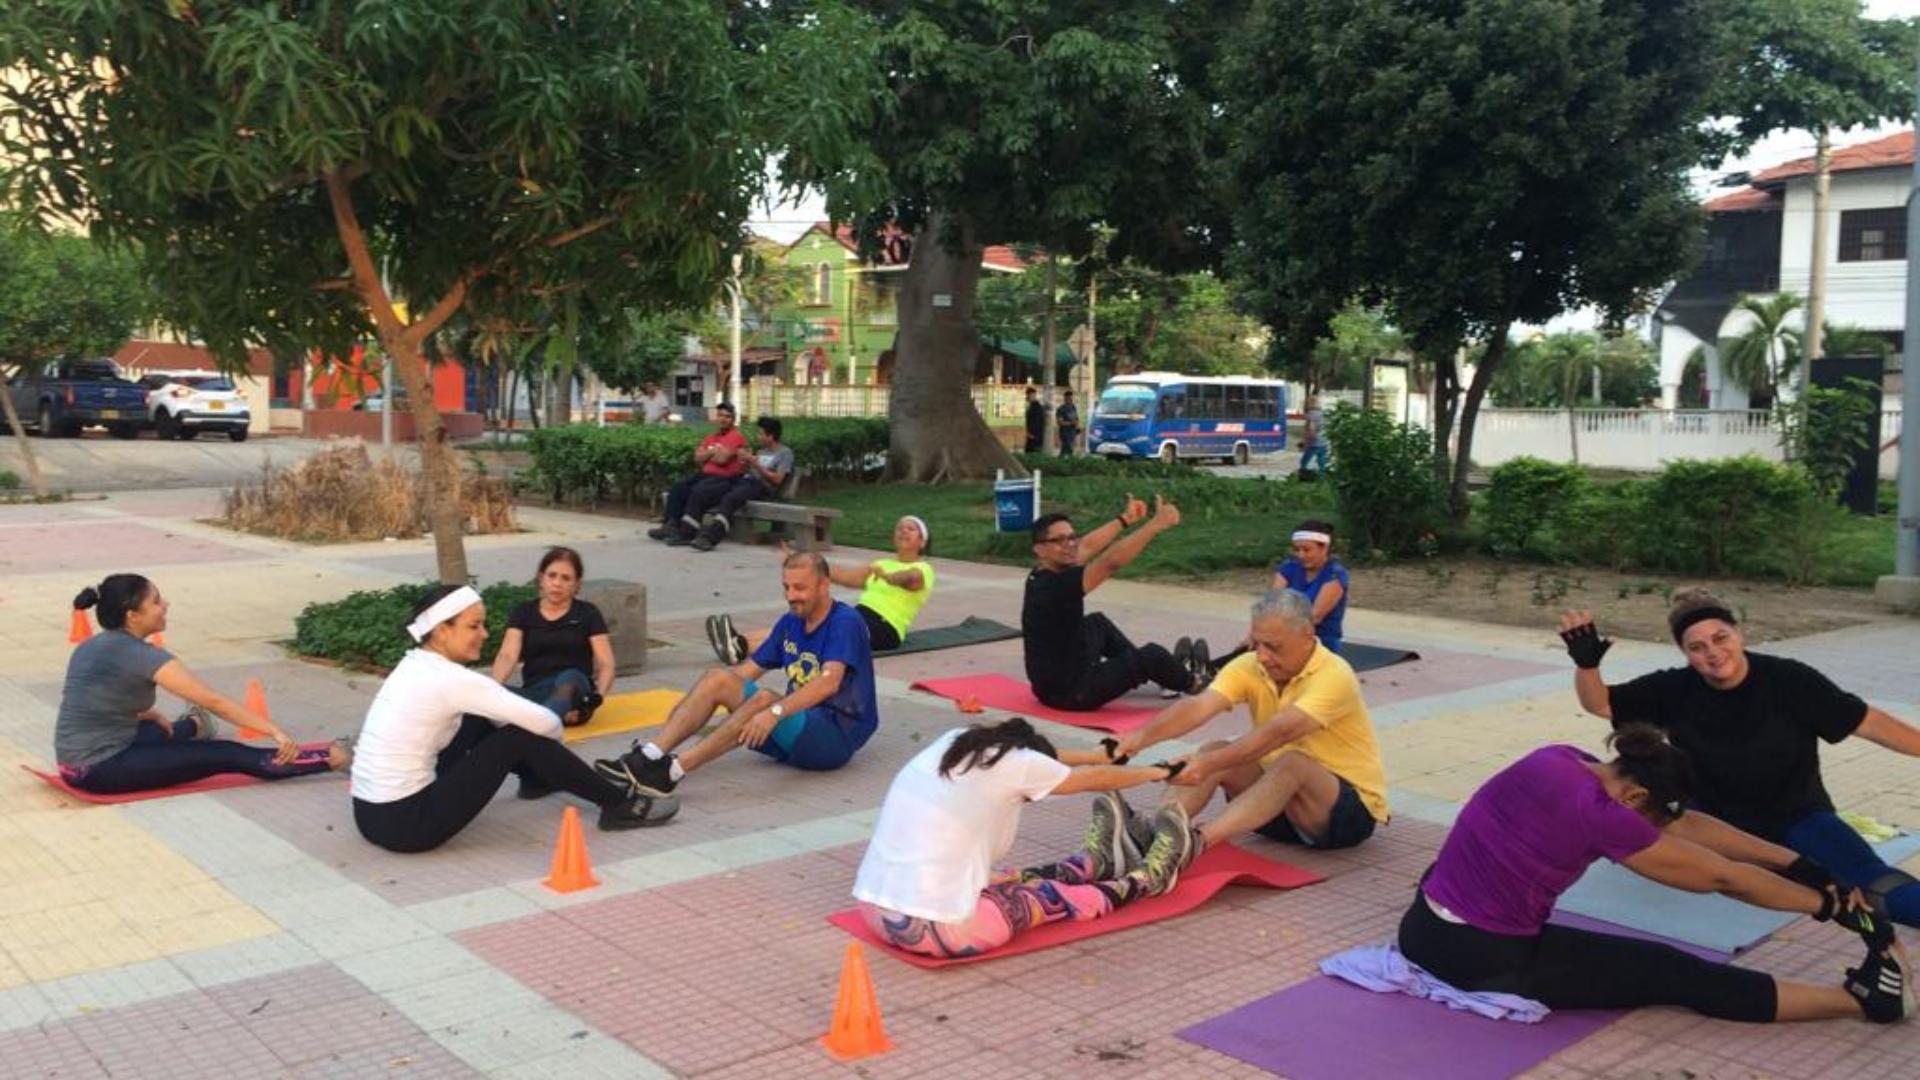 El grupo de vecinos realizó los ejercicios a las afueras de las canchas.